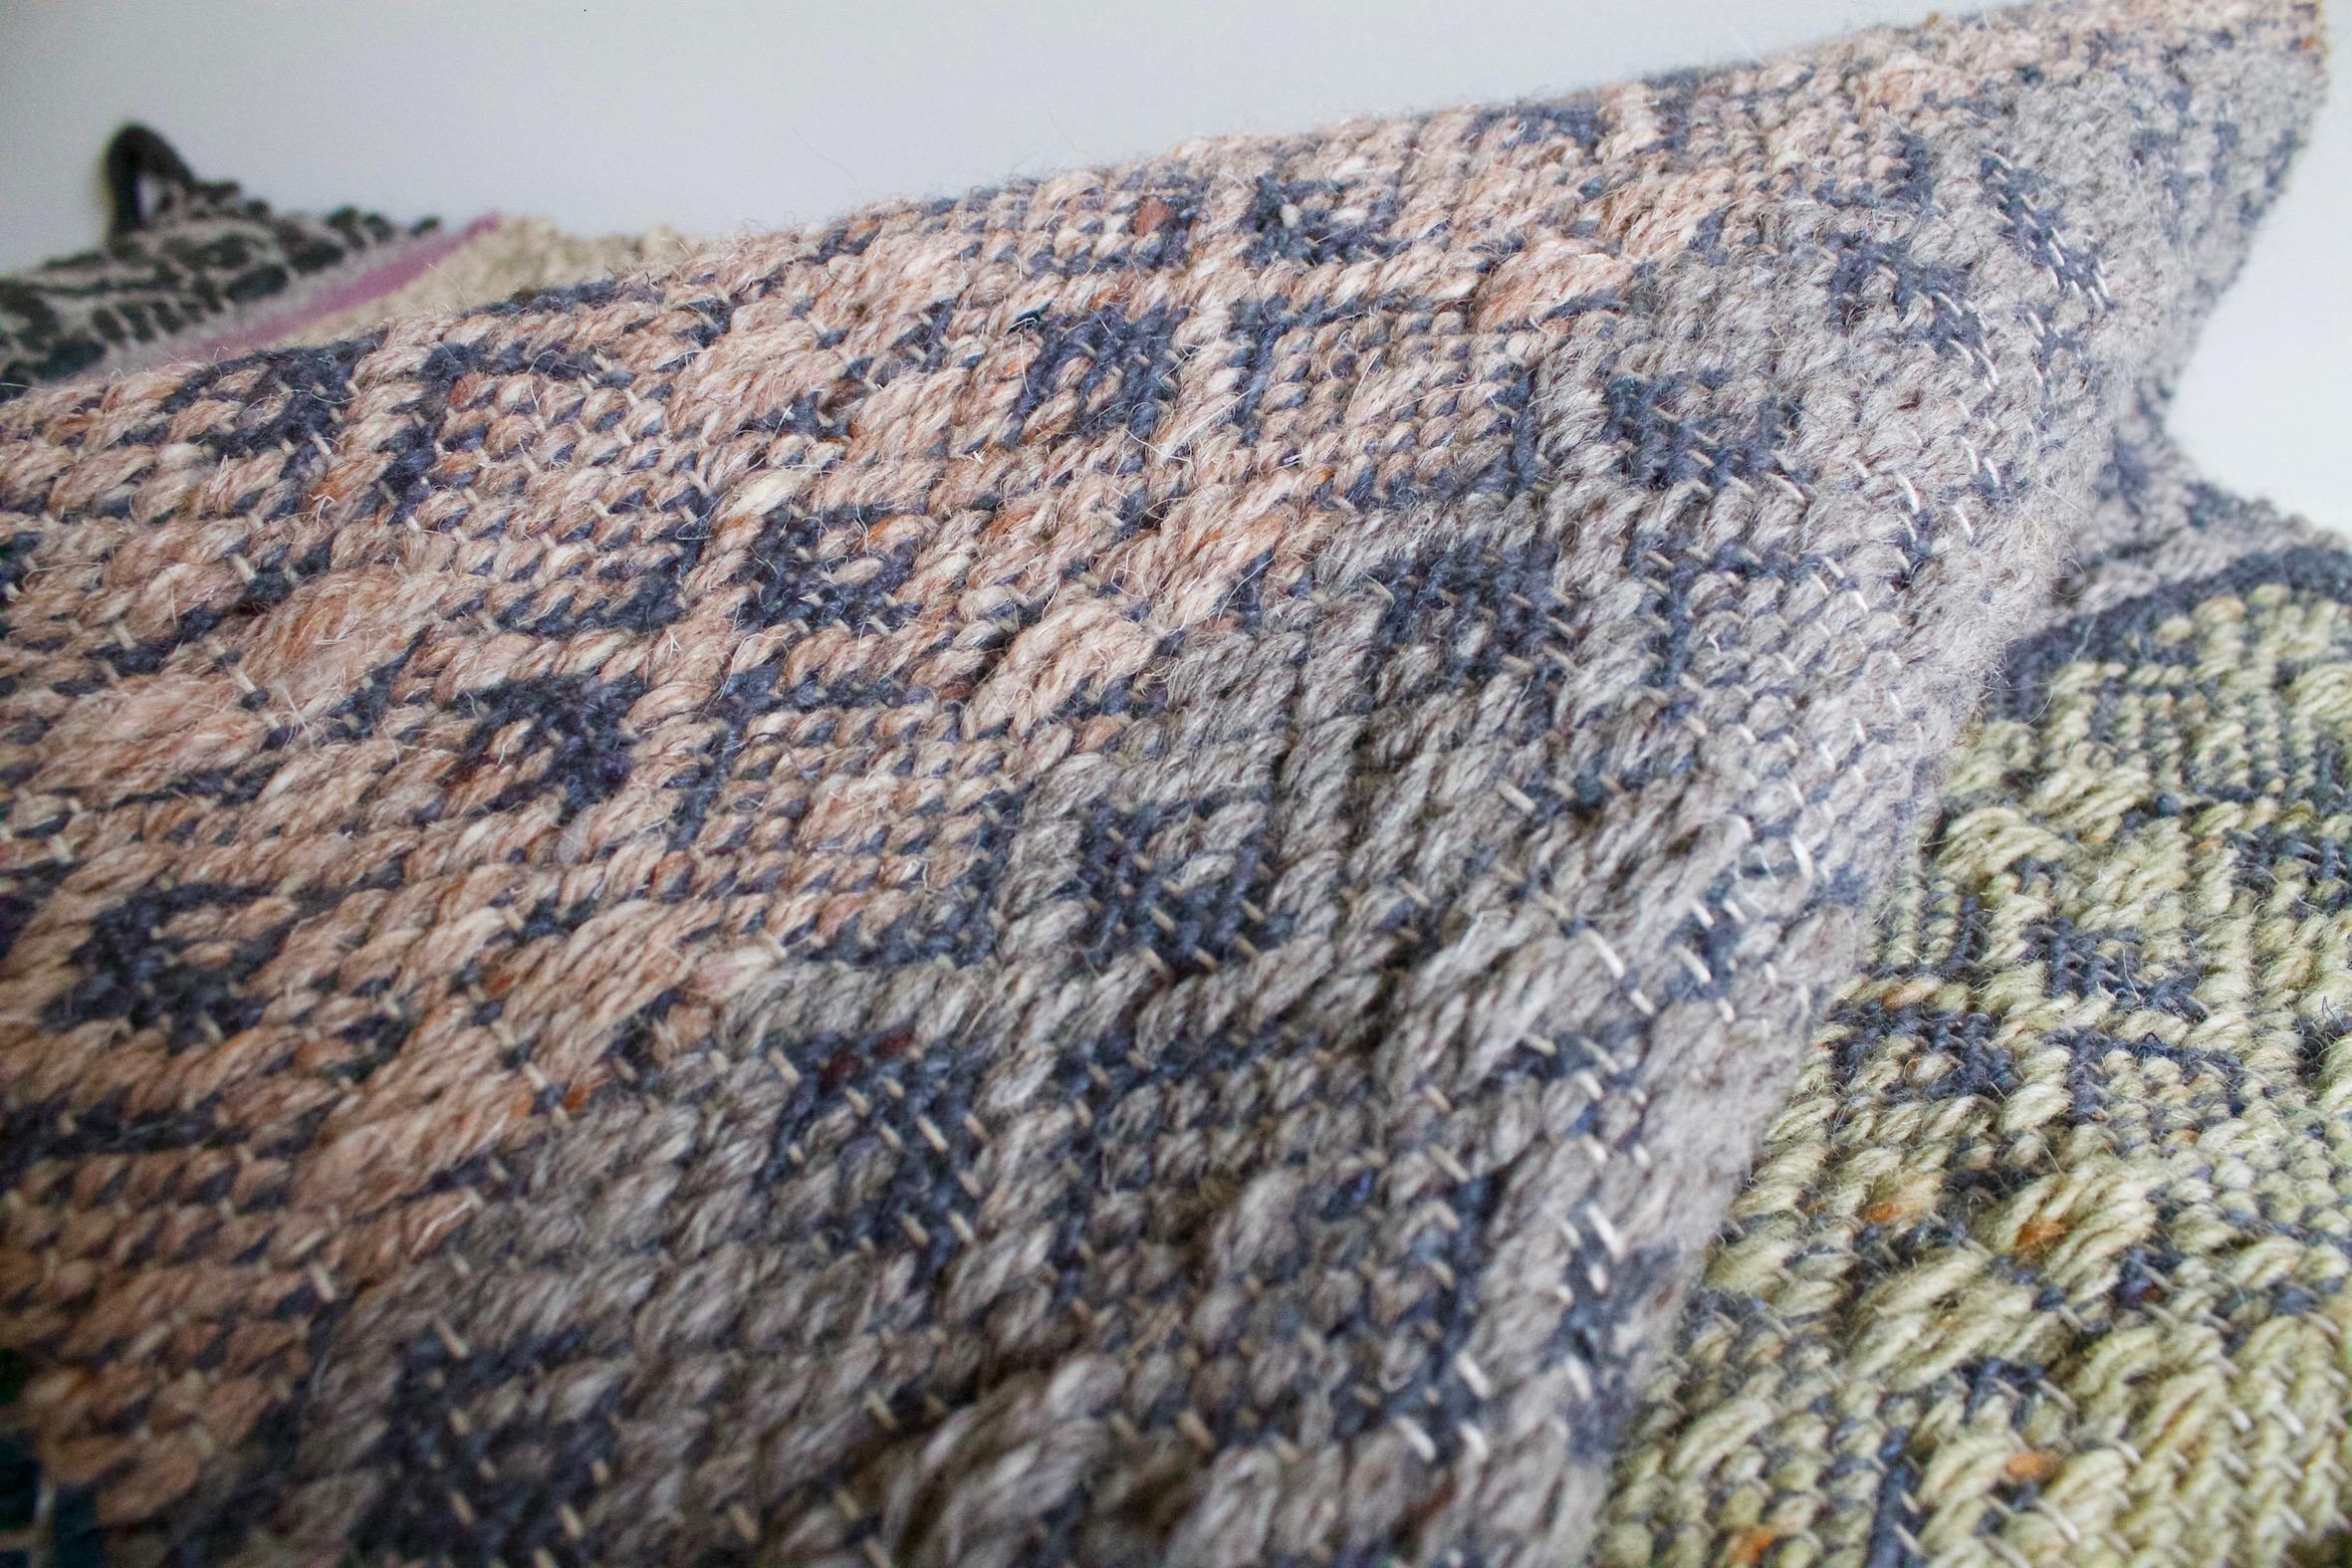 Nyssamtextiles Rug sample twill designs 2